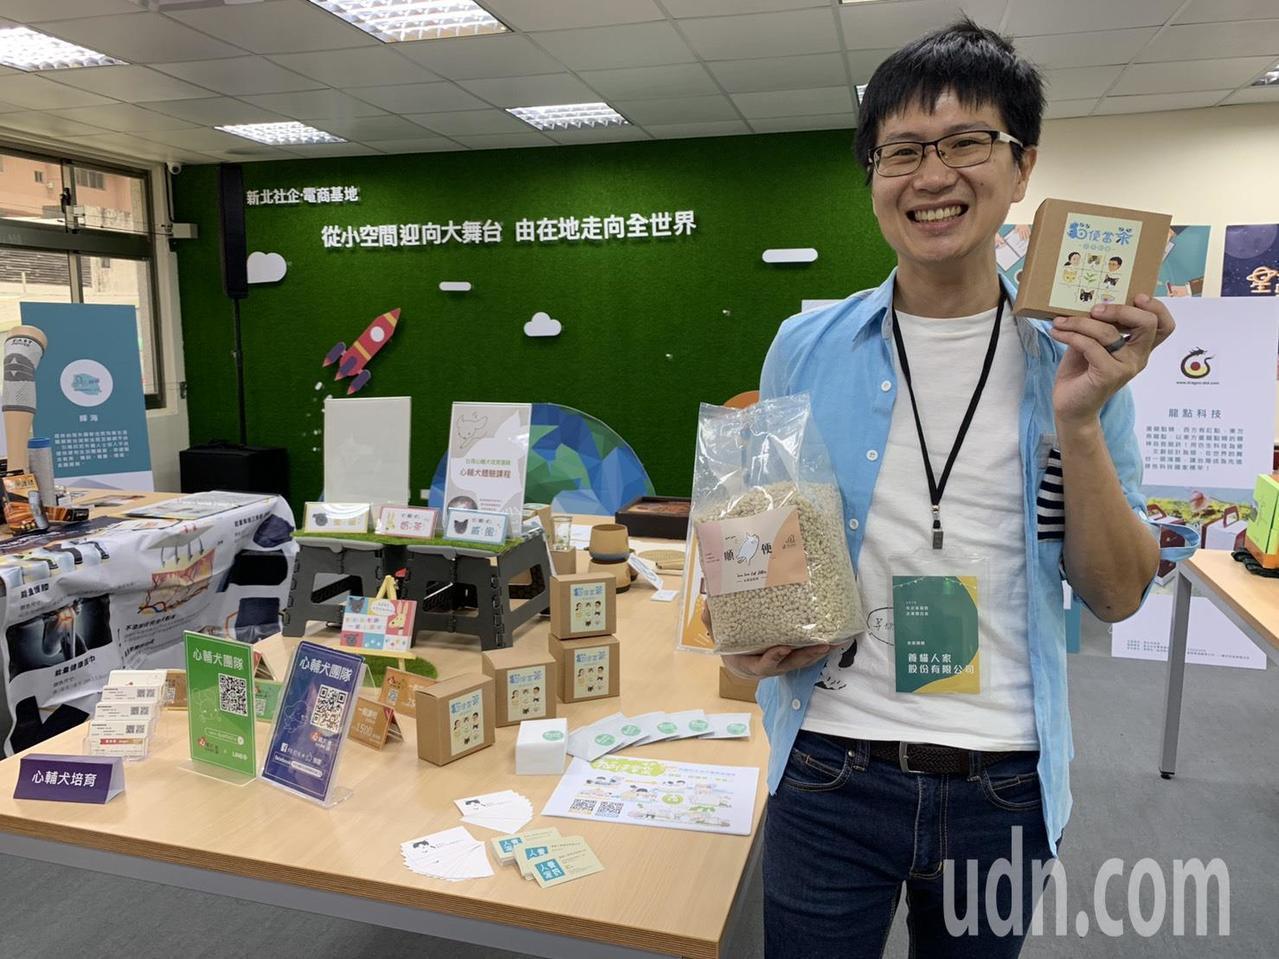 「養貓人家」公司創辦人陳人祥,運用貓糞回收成有機肥料,與小農契作種菜、種米、種茶...